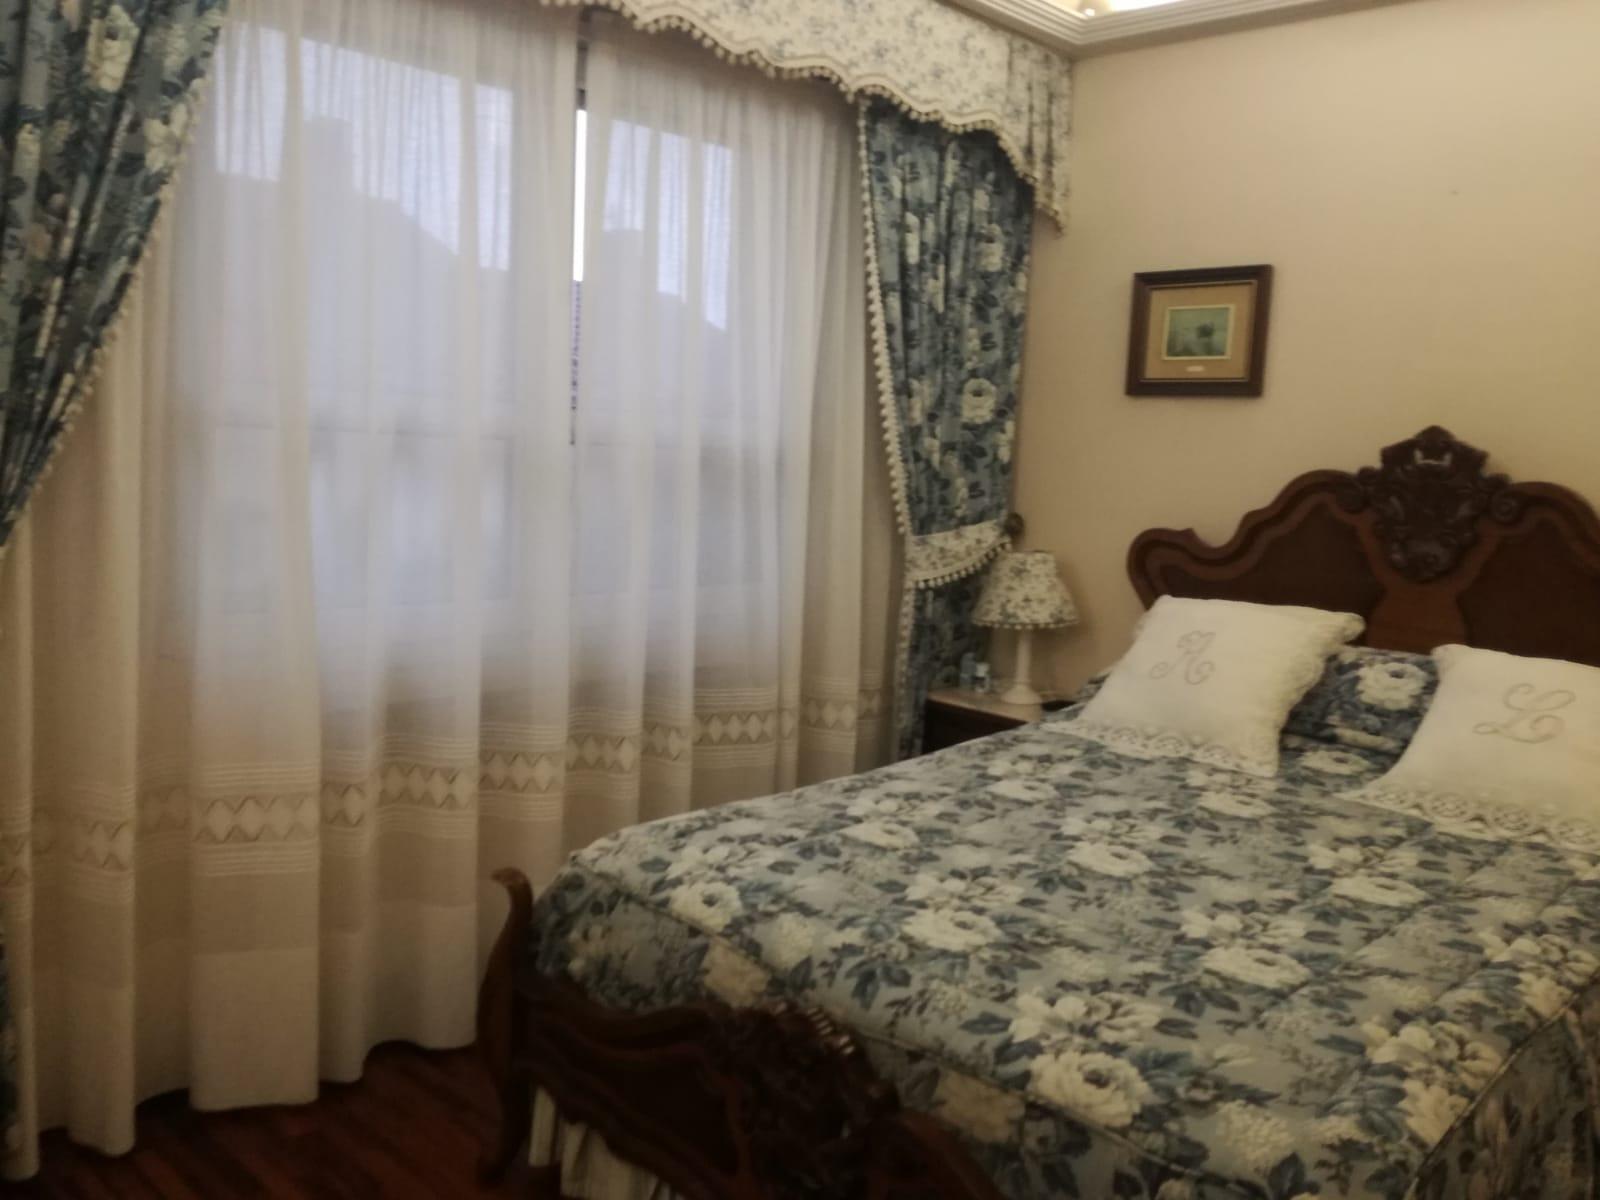 Altos de Artia,tu adosada con terraza,4 dormitorios, salon,cocina-comedor,garaje txoko.Informate!!!